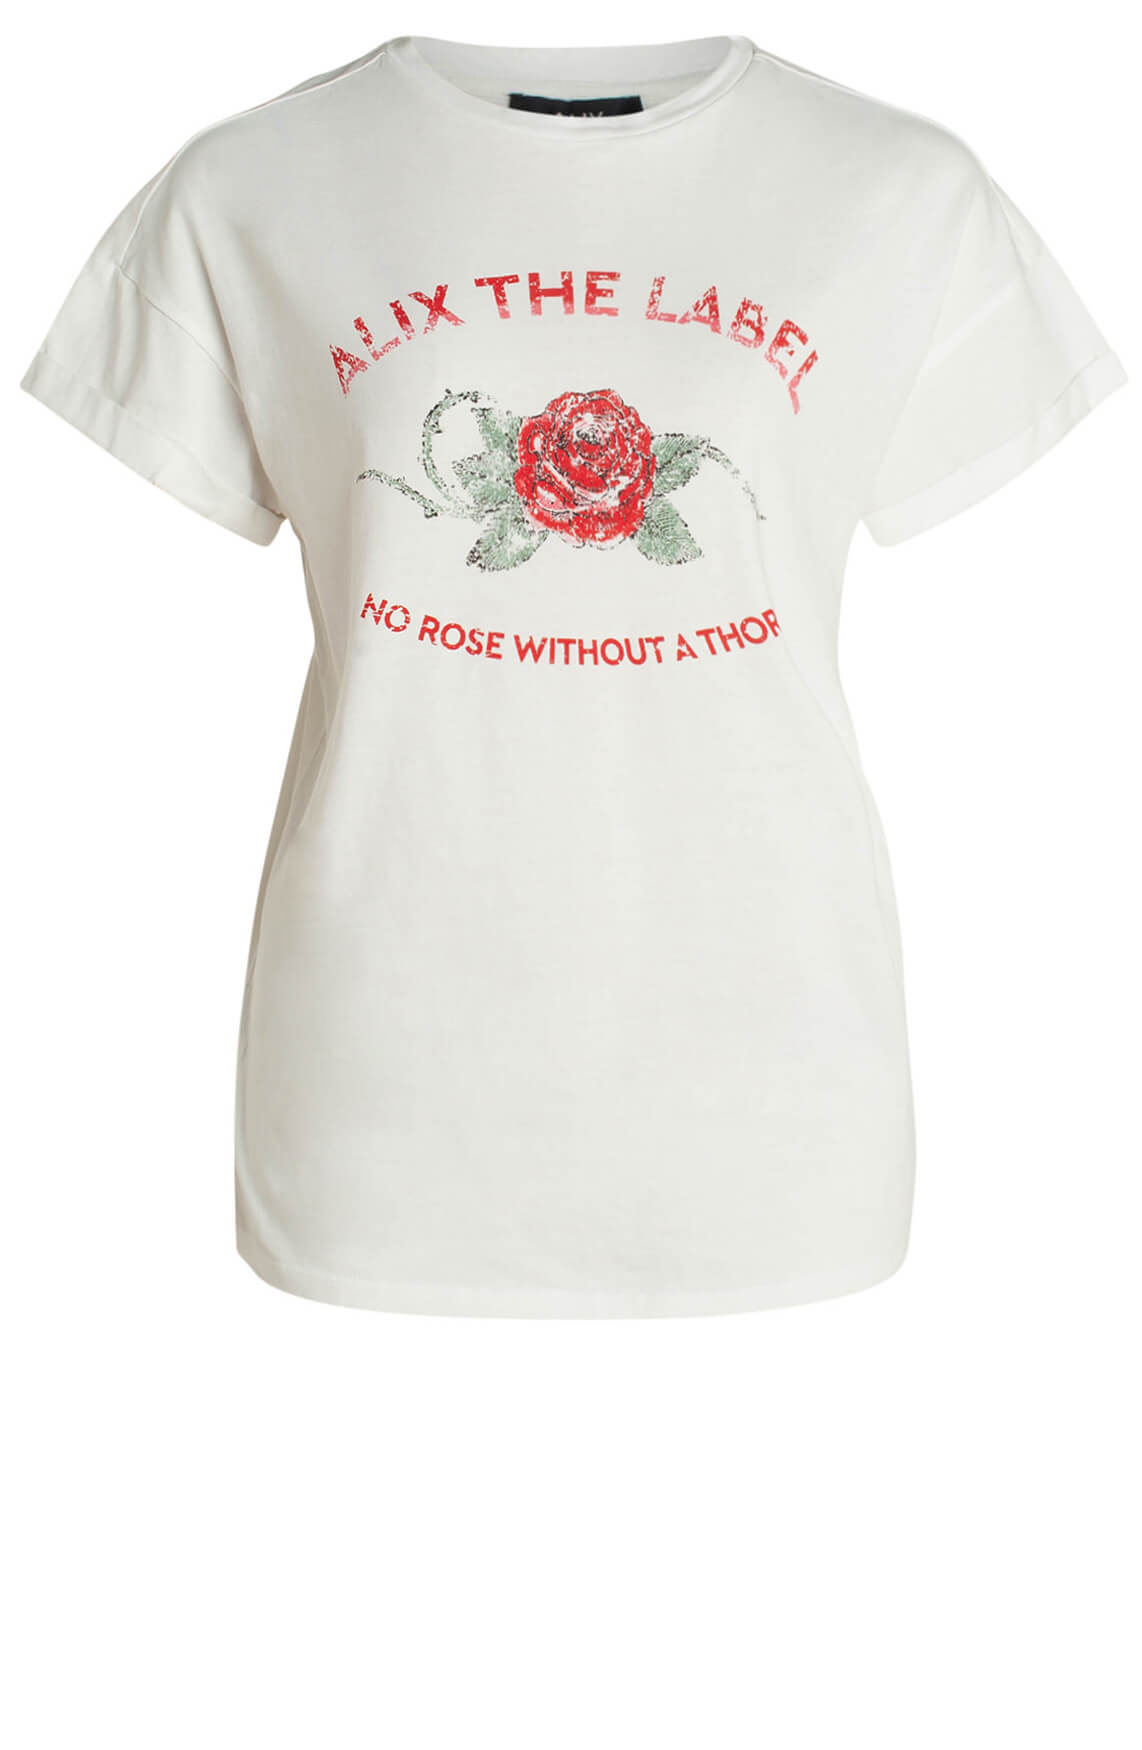 Alix The Label Dames Vintage rose shirt wit